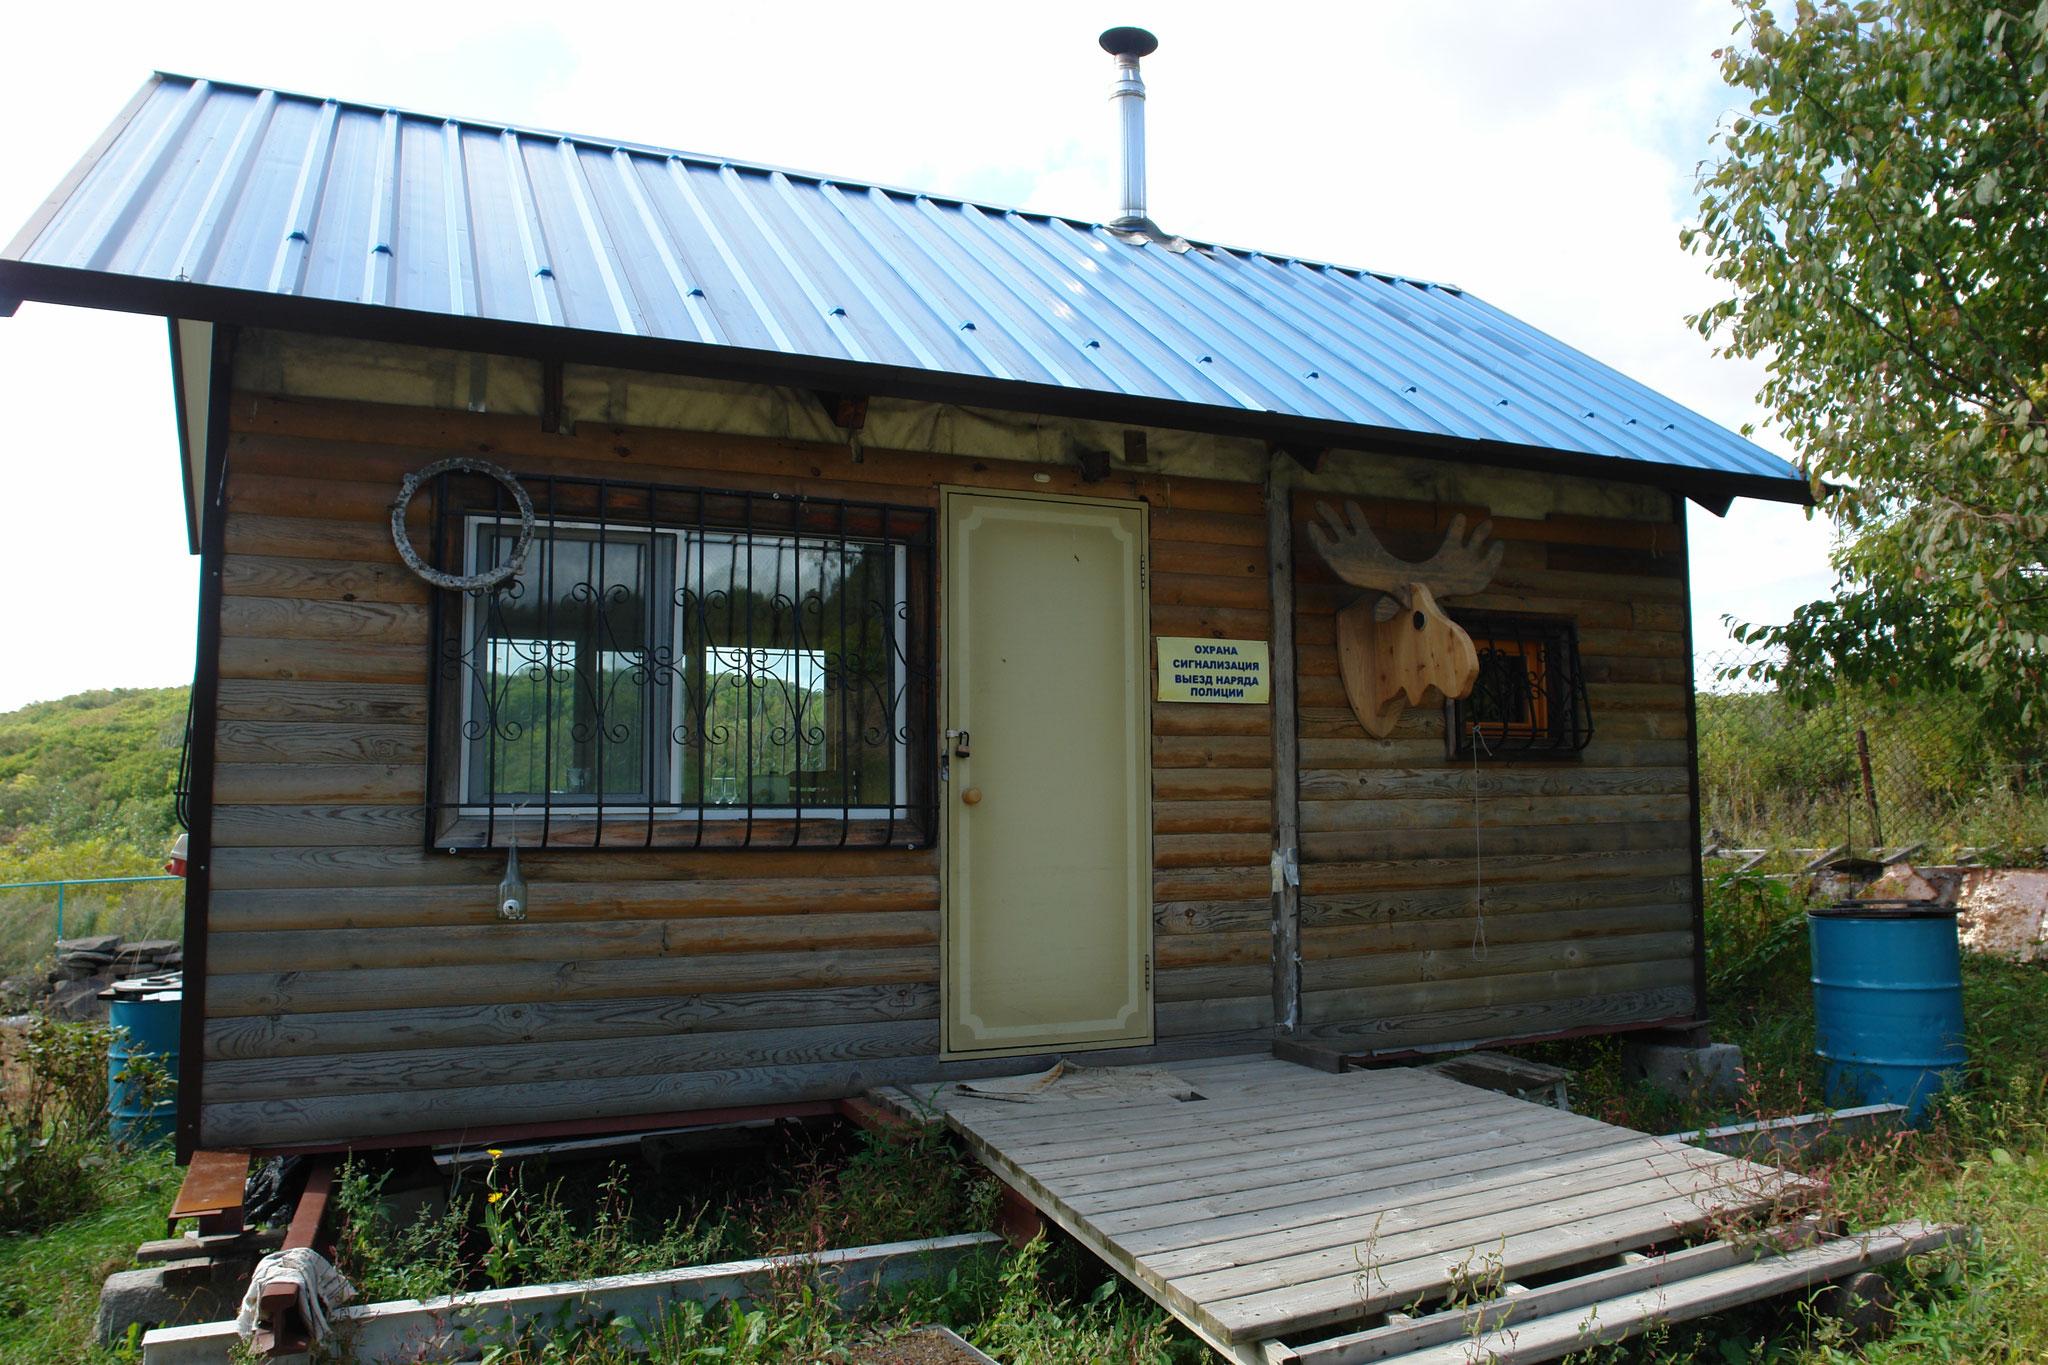 ロシアの畑付き別荘(ダーチャ) 週末ごとに足を運び、小屋やロシア風サウナ(バーニャ)を家族で手作りするのもロシア流